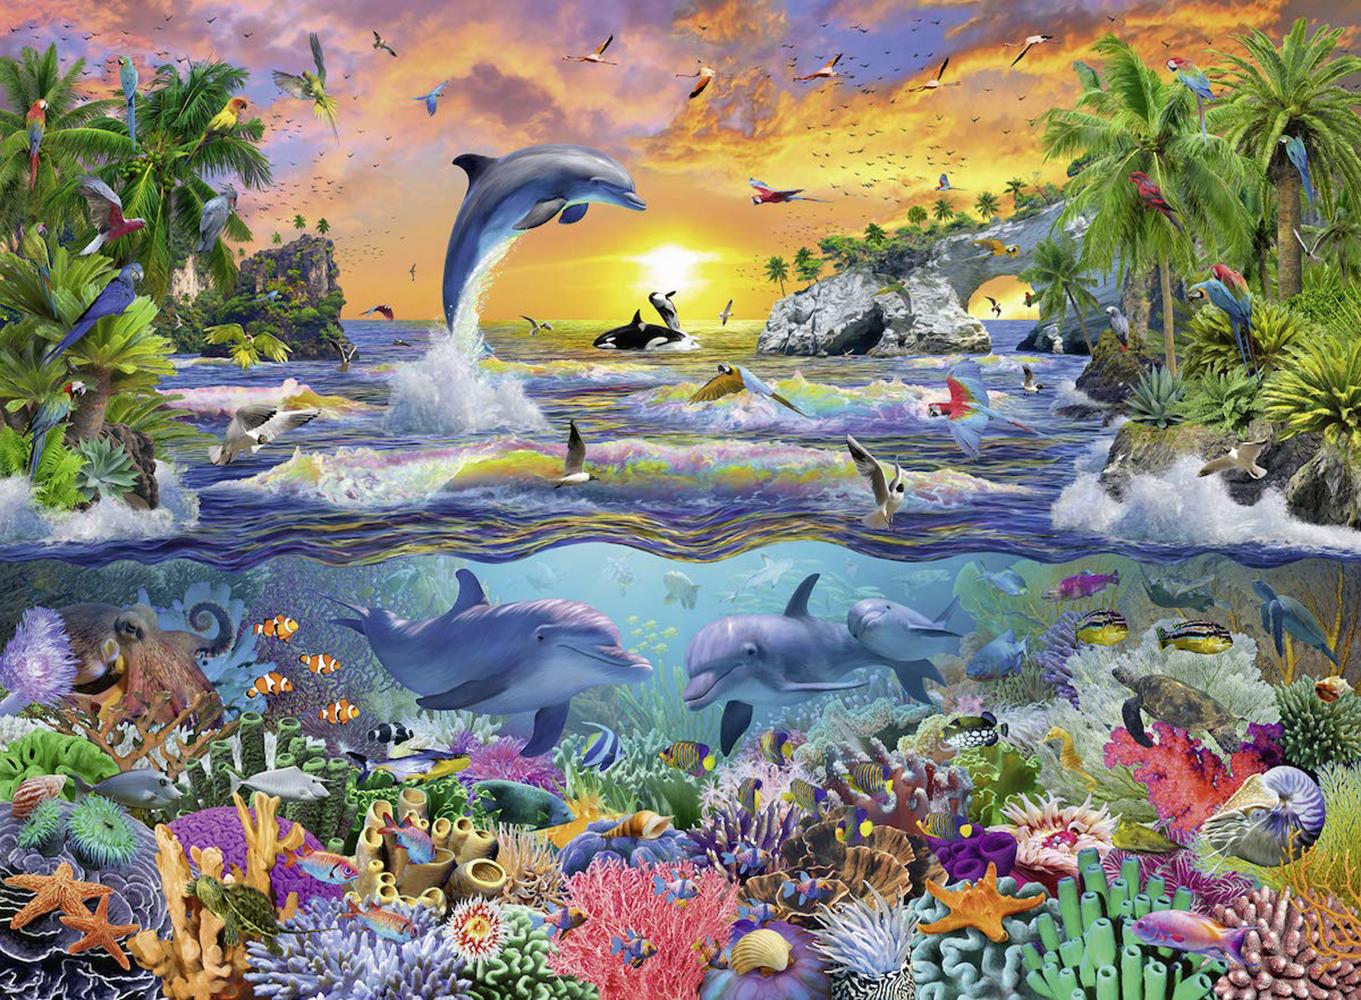 Casse-tête 100 pièces XXL - Paradis tropical